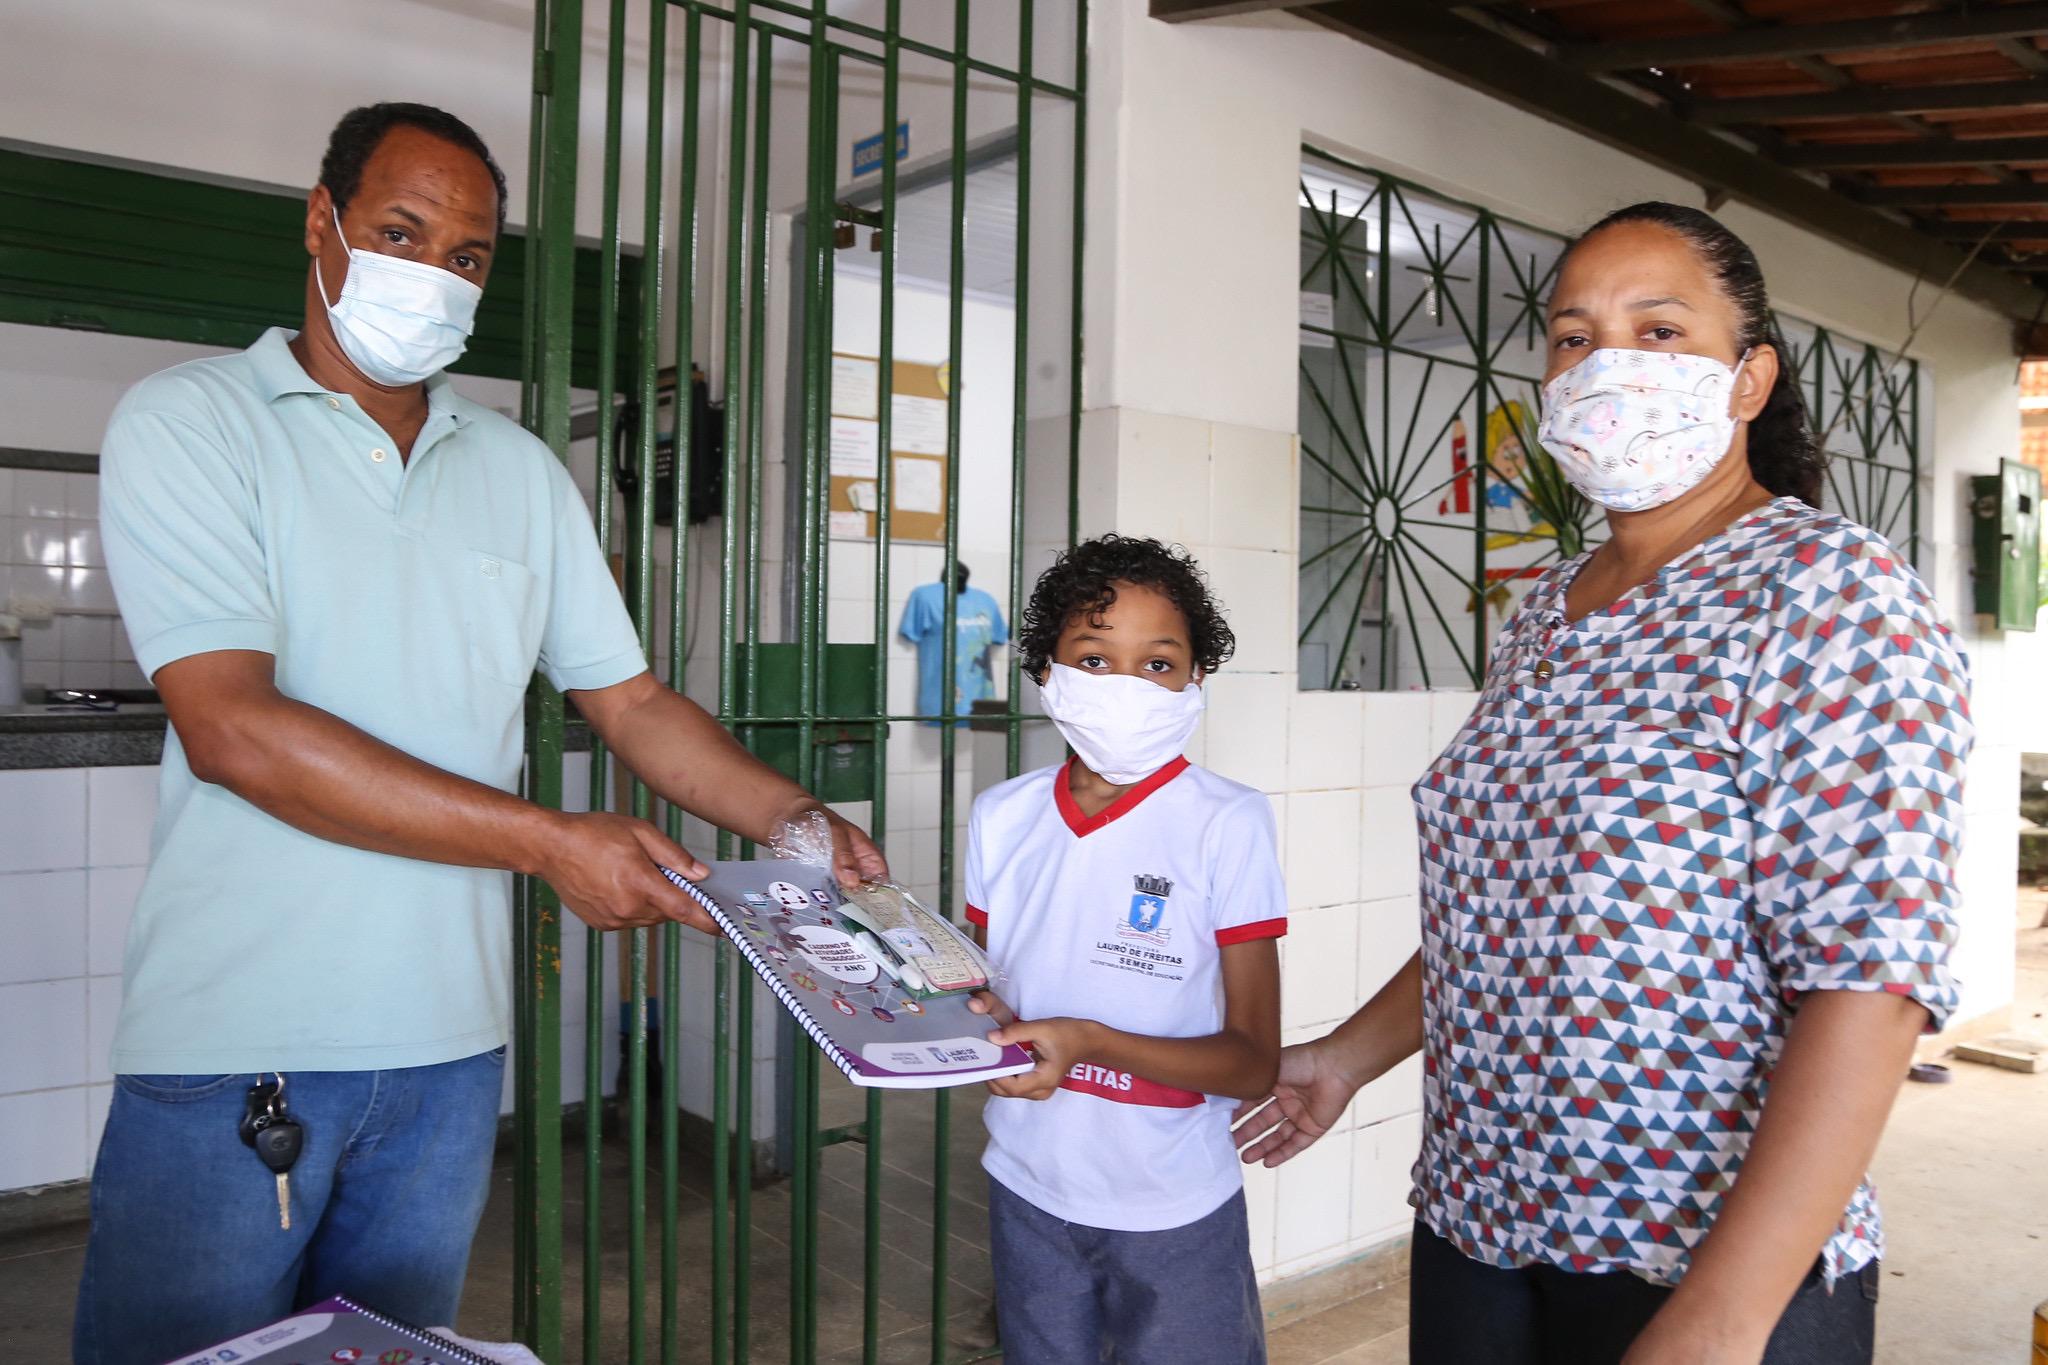 Secretaria de Educação distribui cadernos de atividades a estudantes da rede municipal de Lauro de Freitas